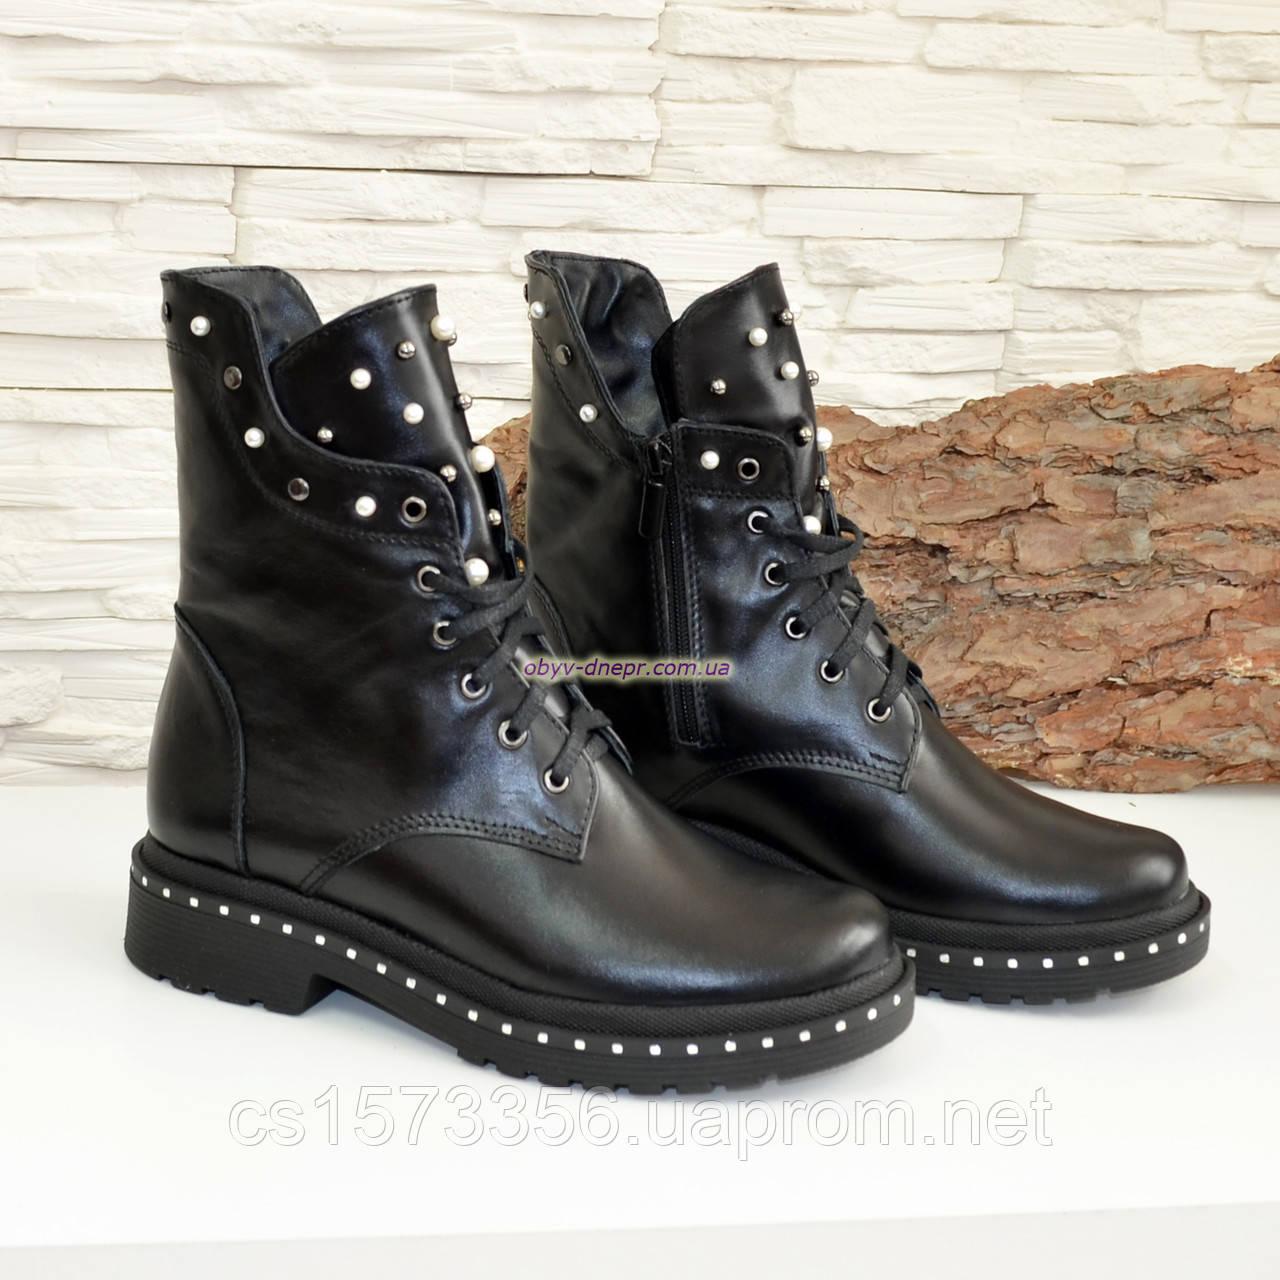 54904bacf Ботинки демисезонные на утолщенной подошве, на шнурках. Декорированы  бусинками